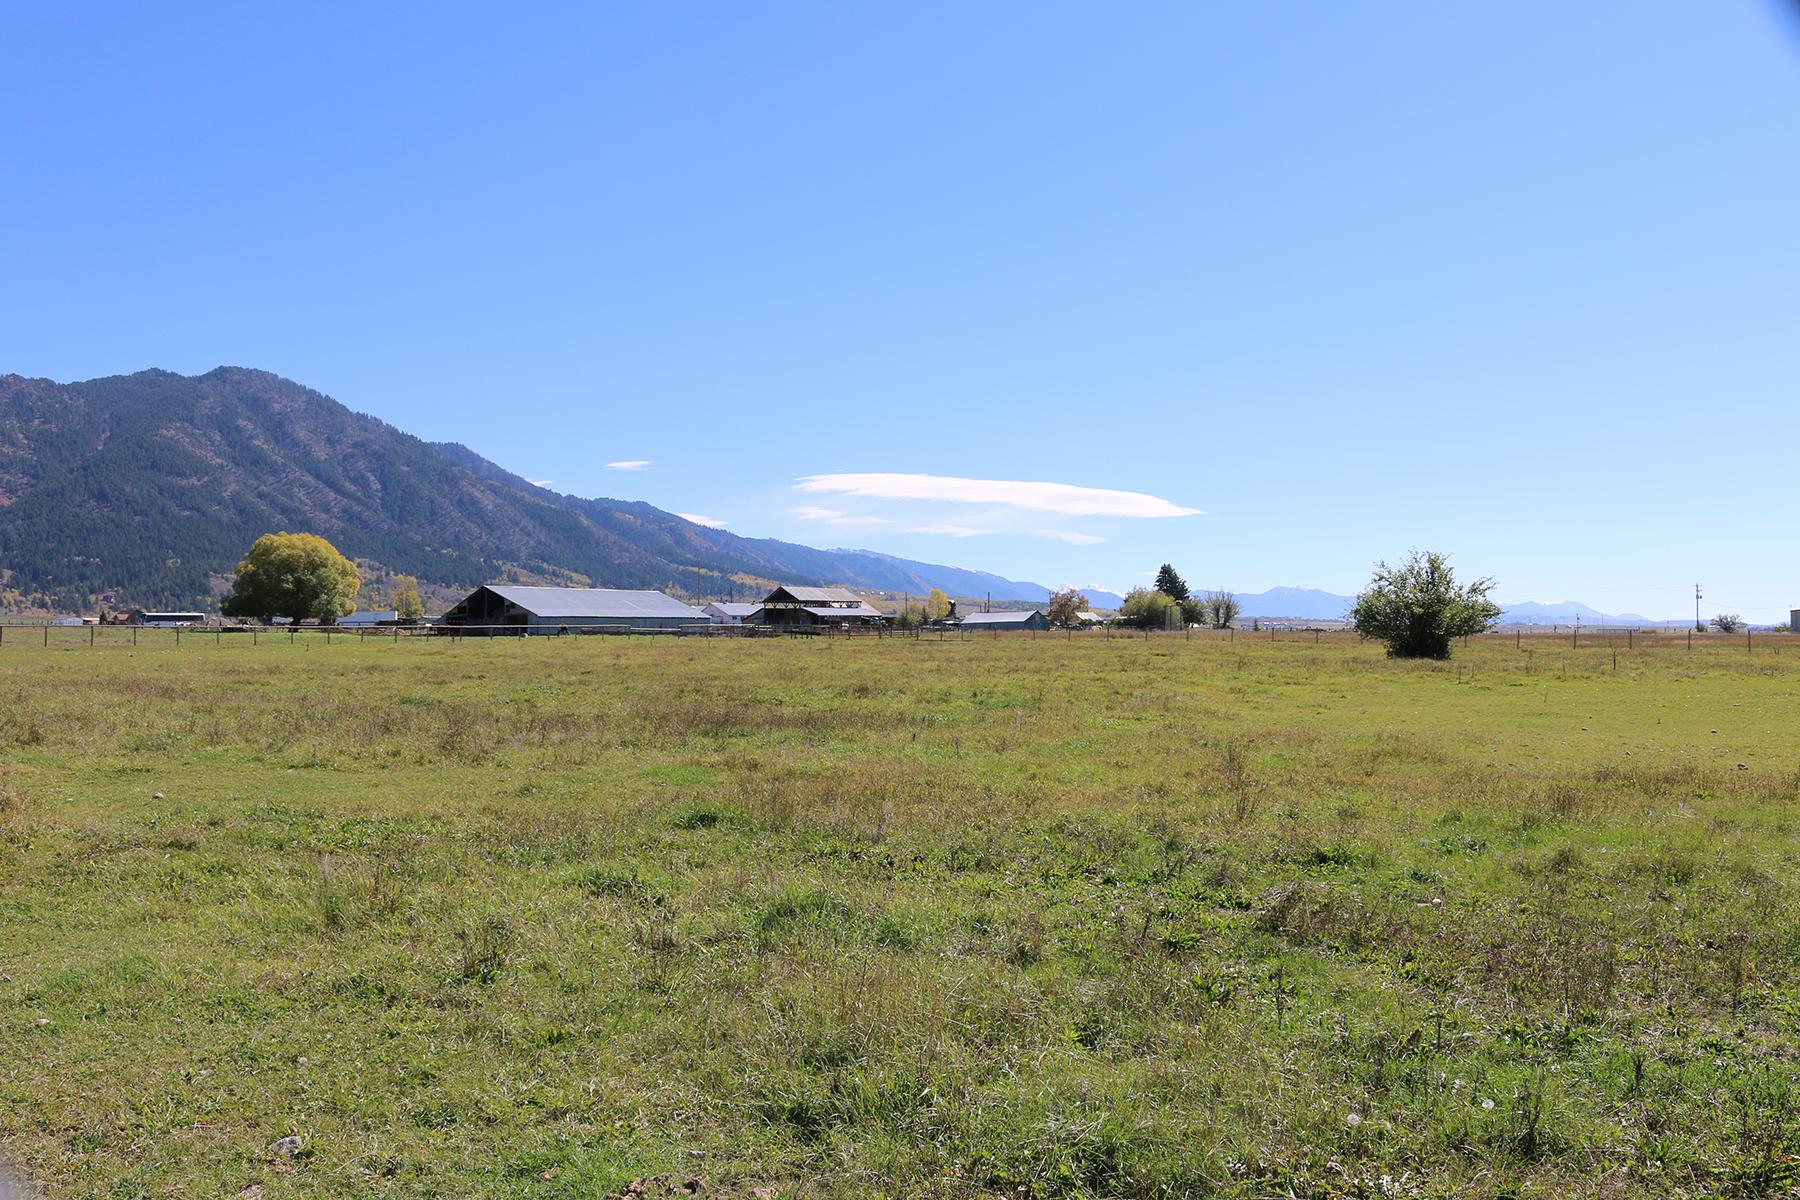 Đất đai vì Bán tại Commercial Land in Etna 4.12 Acres US Hwy 89 Etna, Wyoming 83118 Hoa Kỳ